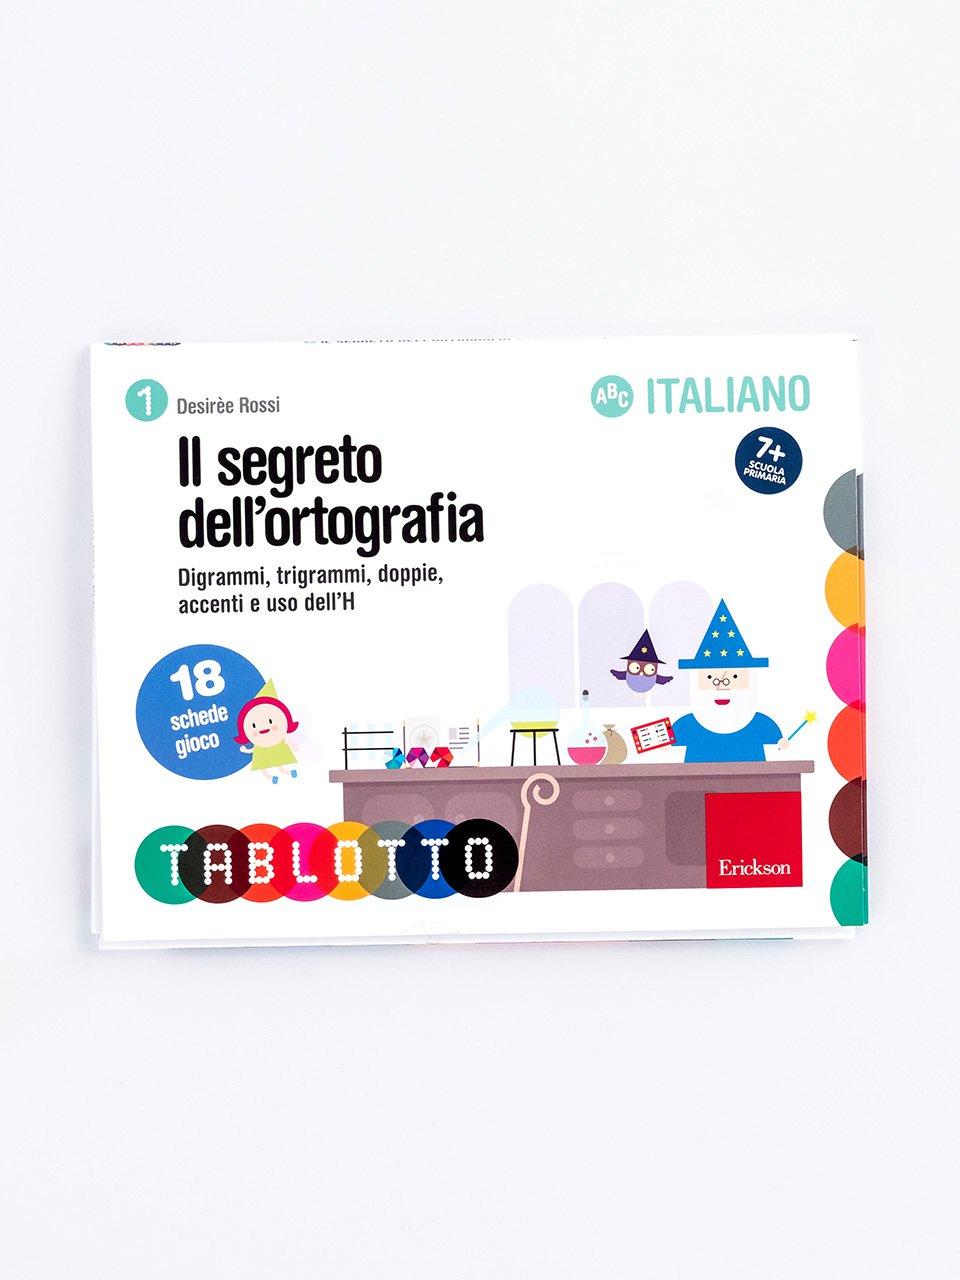 Schede per Tablotto (6-8 anni) - Il segreto dell'ortografia - Sillabe in gioco - Giochi - Erickson